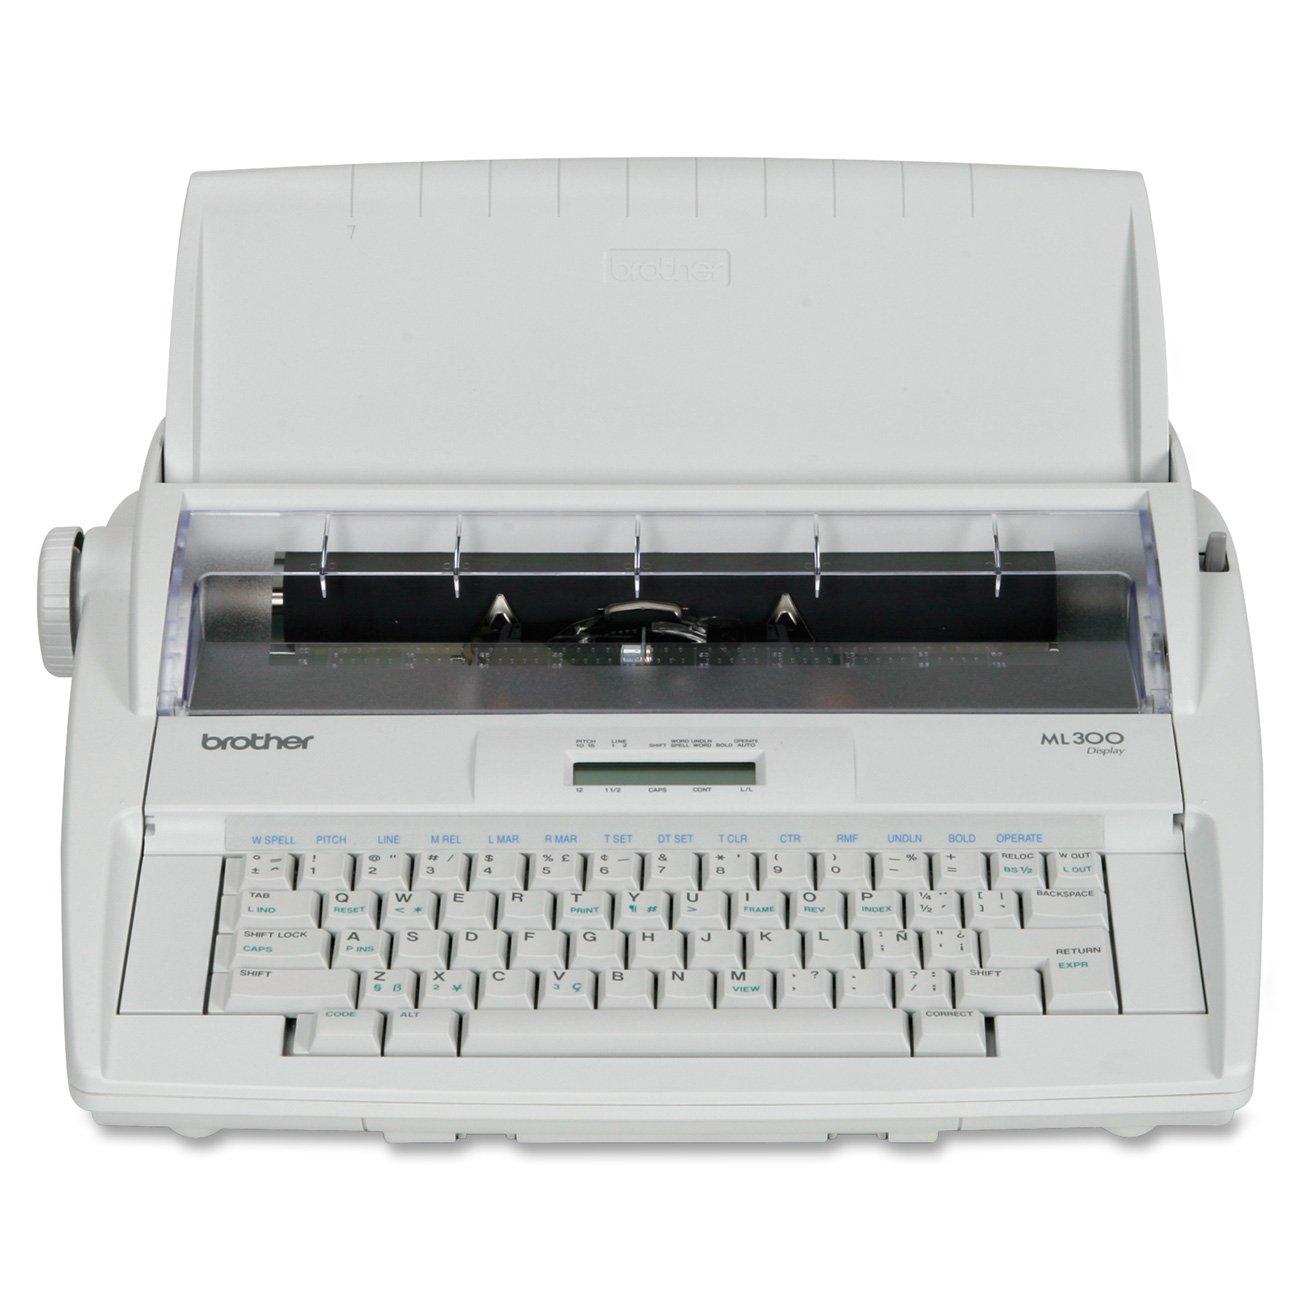 Brother ML-300 Electronic Display Typewriter - Retail Packaging